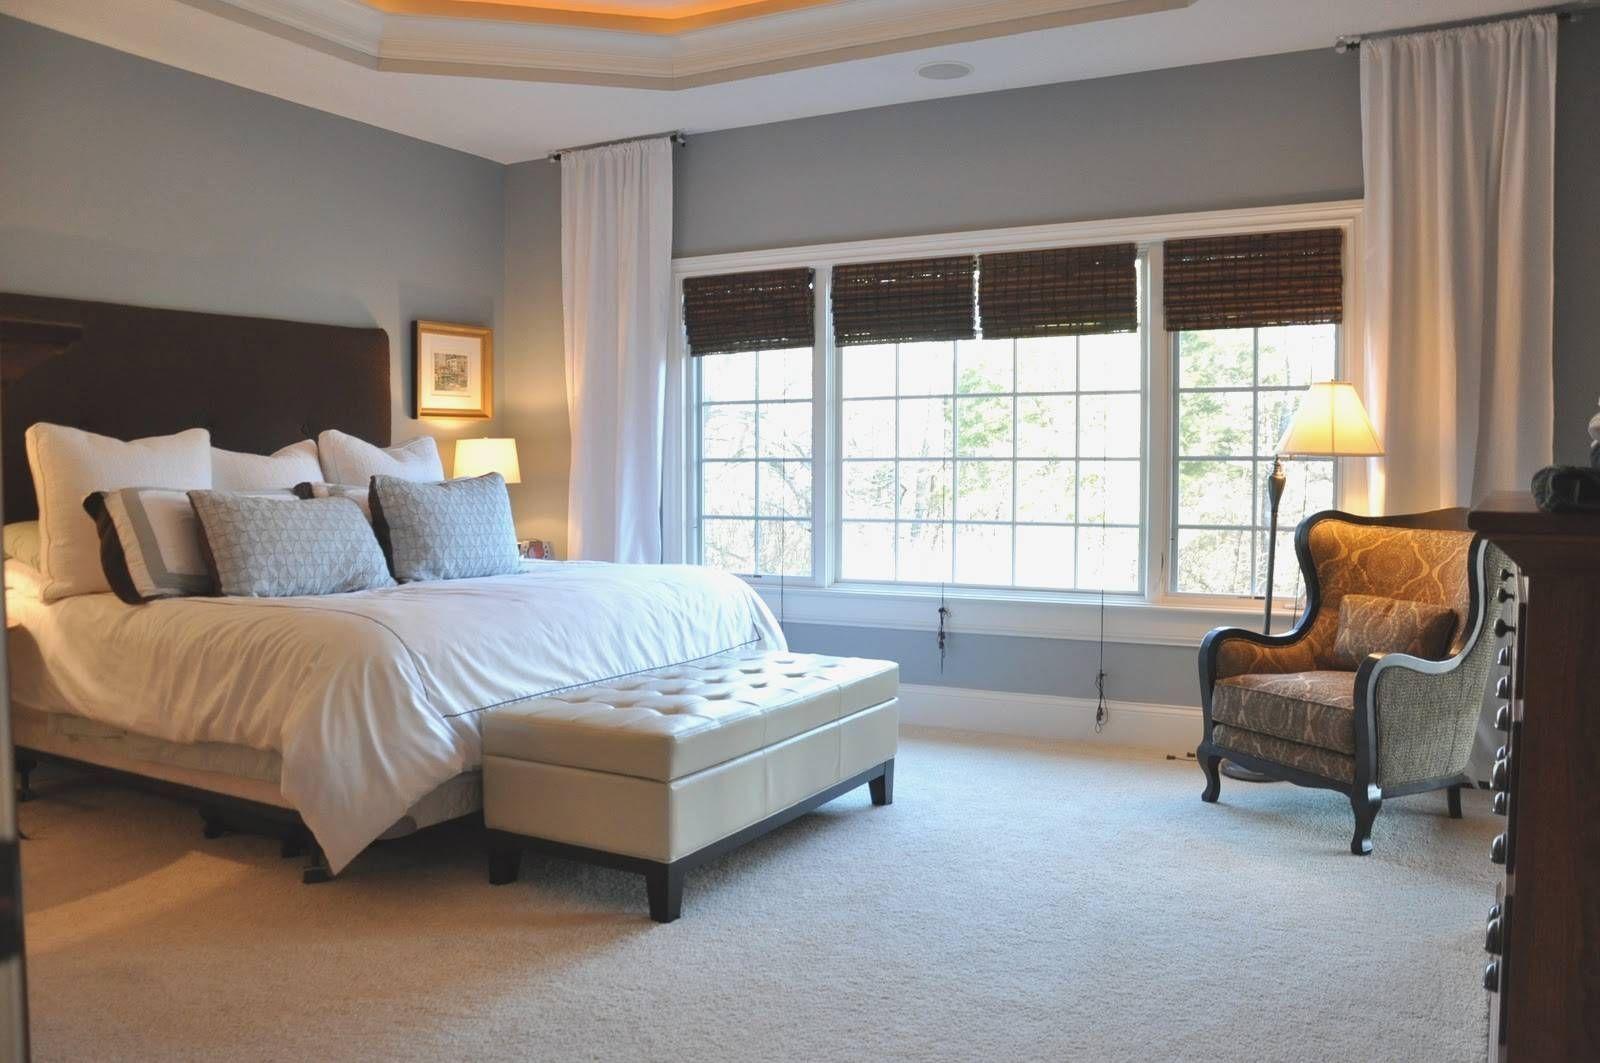 Grau Malen Ideen Für Master Schlafzimmer #Schlafzimmer